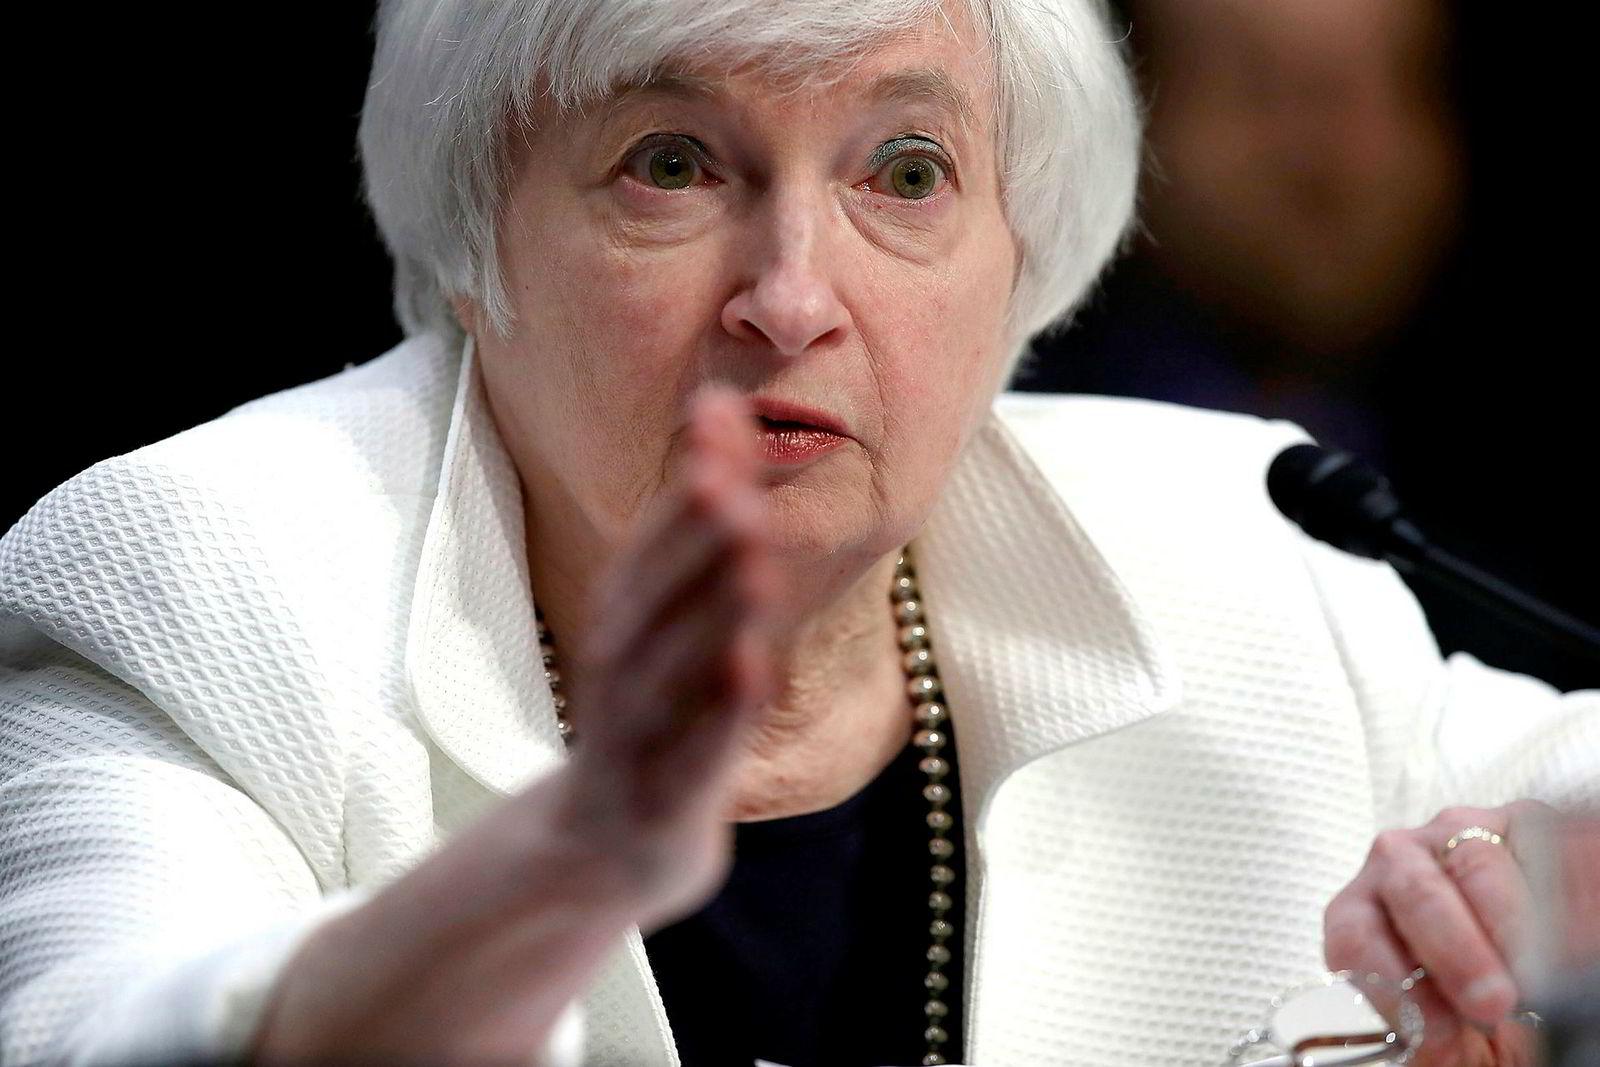 Sentralbanksjef Janet Yellen har et todelt mandat for rentesettingen: Maksimal sysselsetting og at inflasjonen, som er et mål for den samlede prisveksten i økonomien, skal være på rundt to prosent over tid.